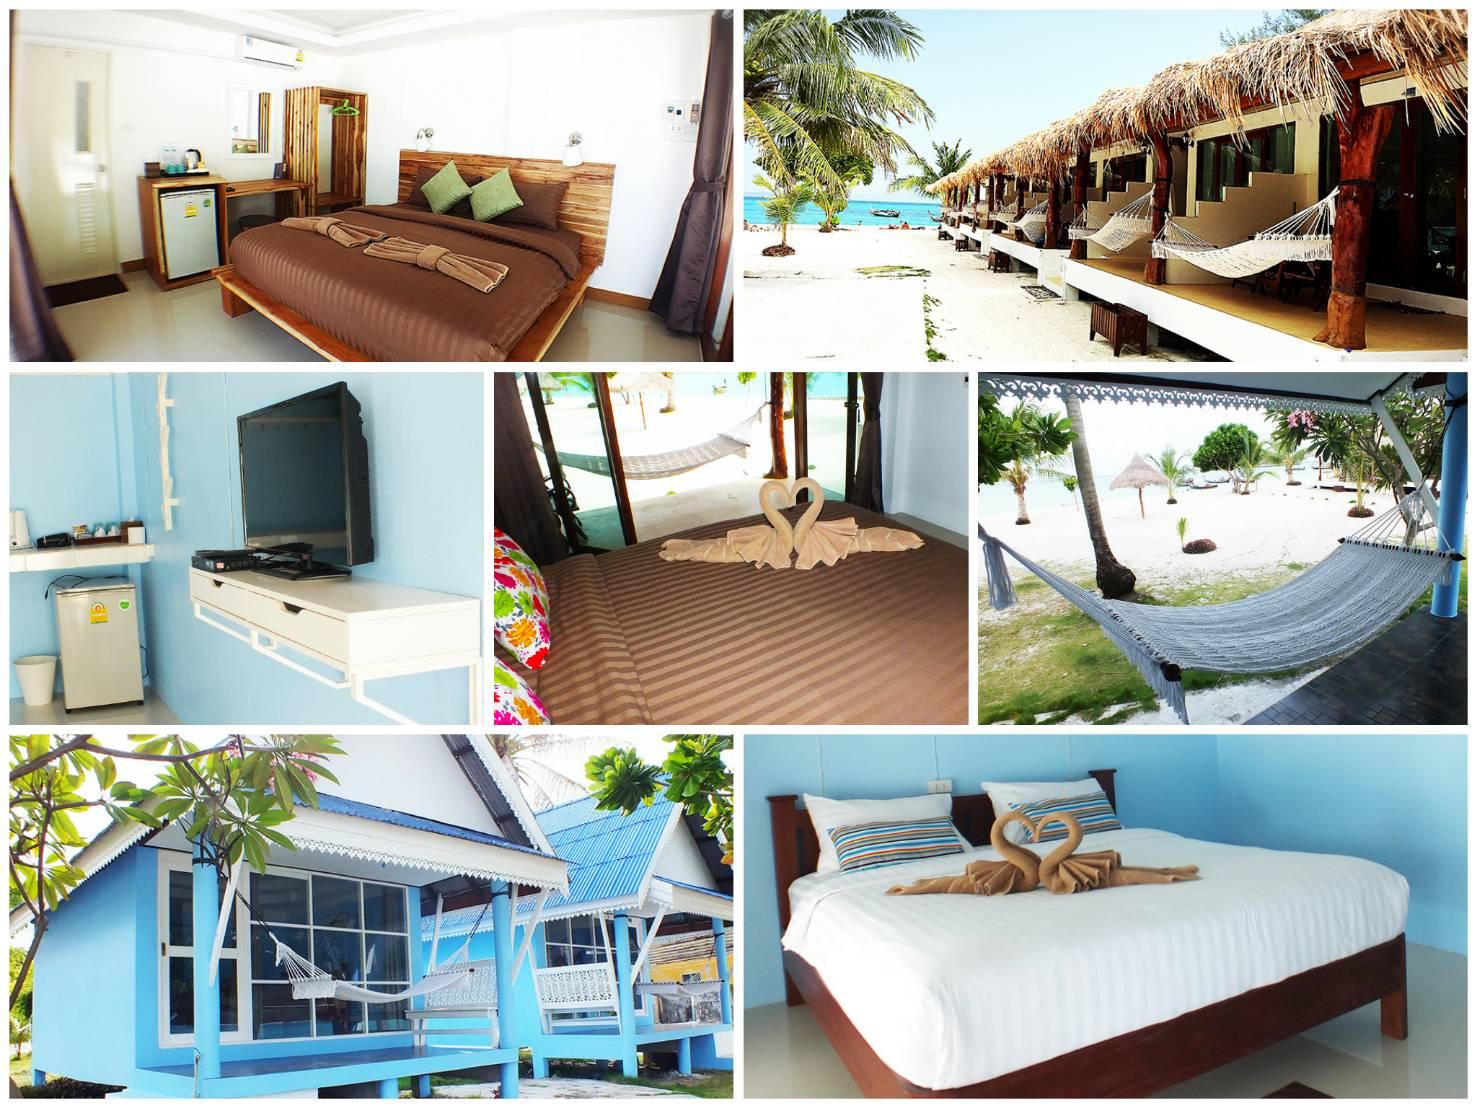 Andaman Resort Lipe island (อันดามัน รีสอร์ท เกาะหลีเป๊ะ)